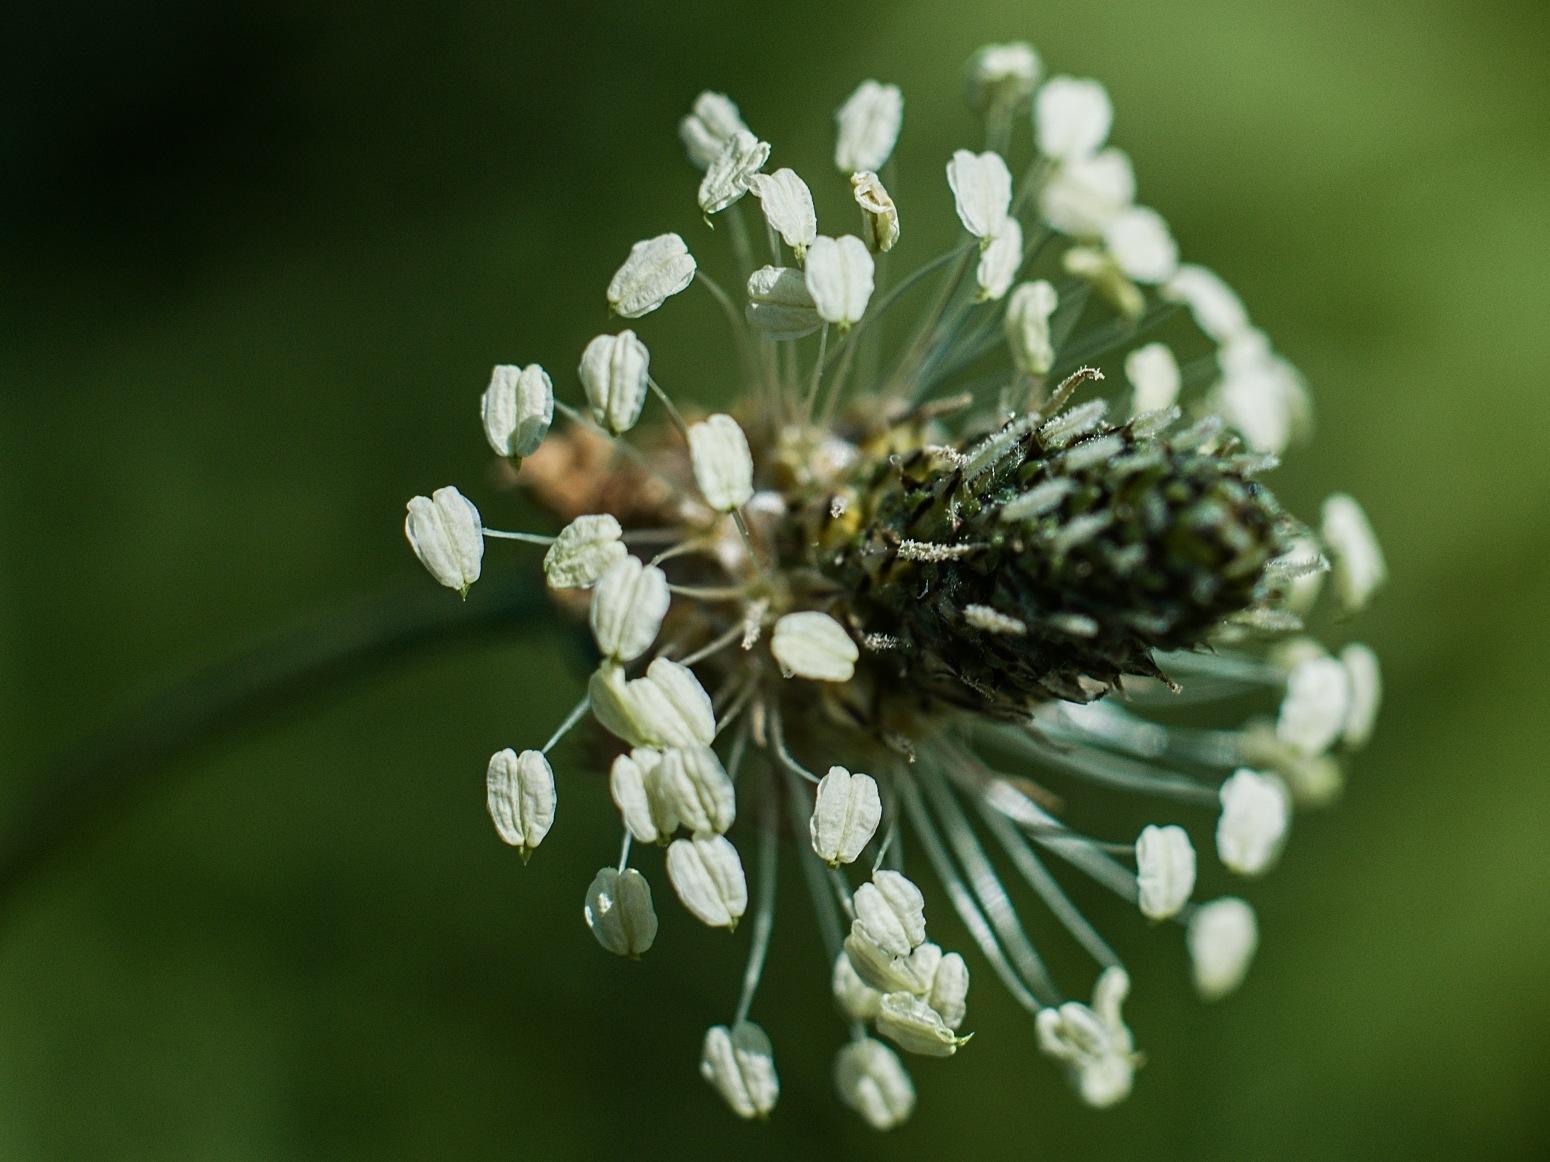 On a meadow 2 by Jan Kliner